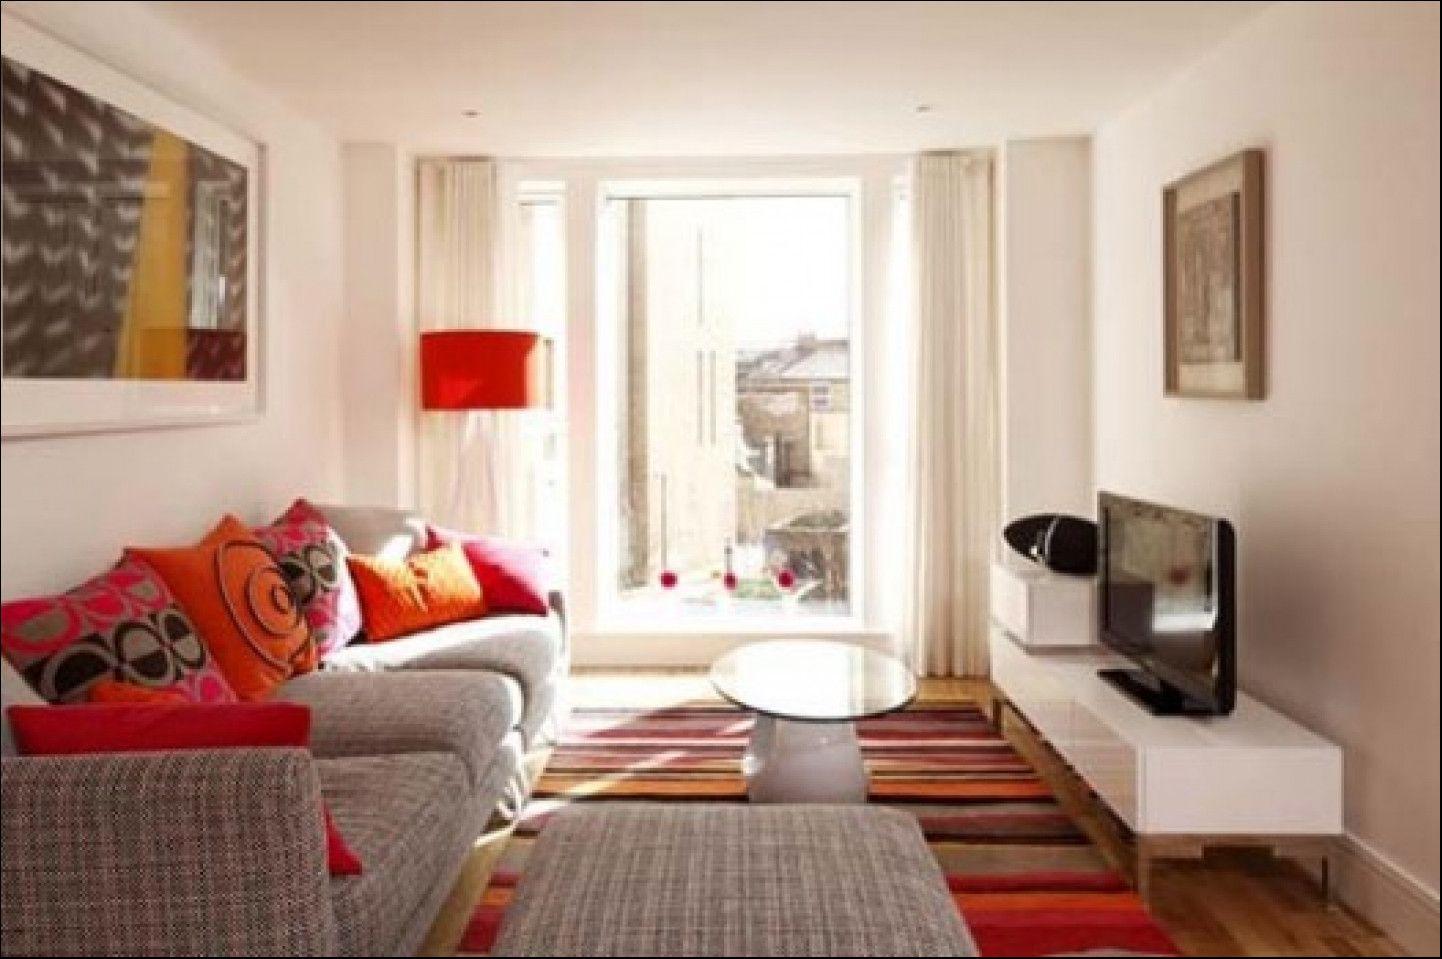 3 Tips Cara Menata Ruang Tamu yang Sempit, Paling Mudah Nomor 3